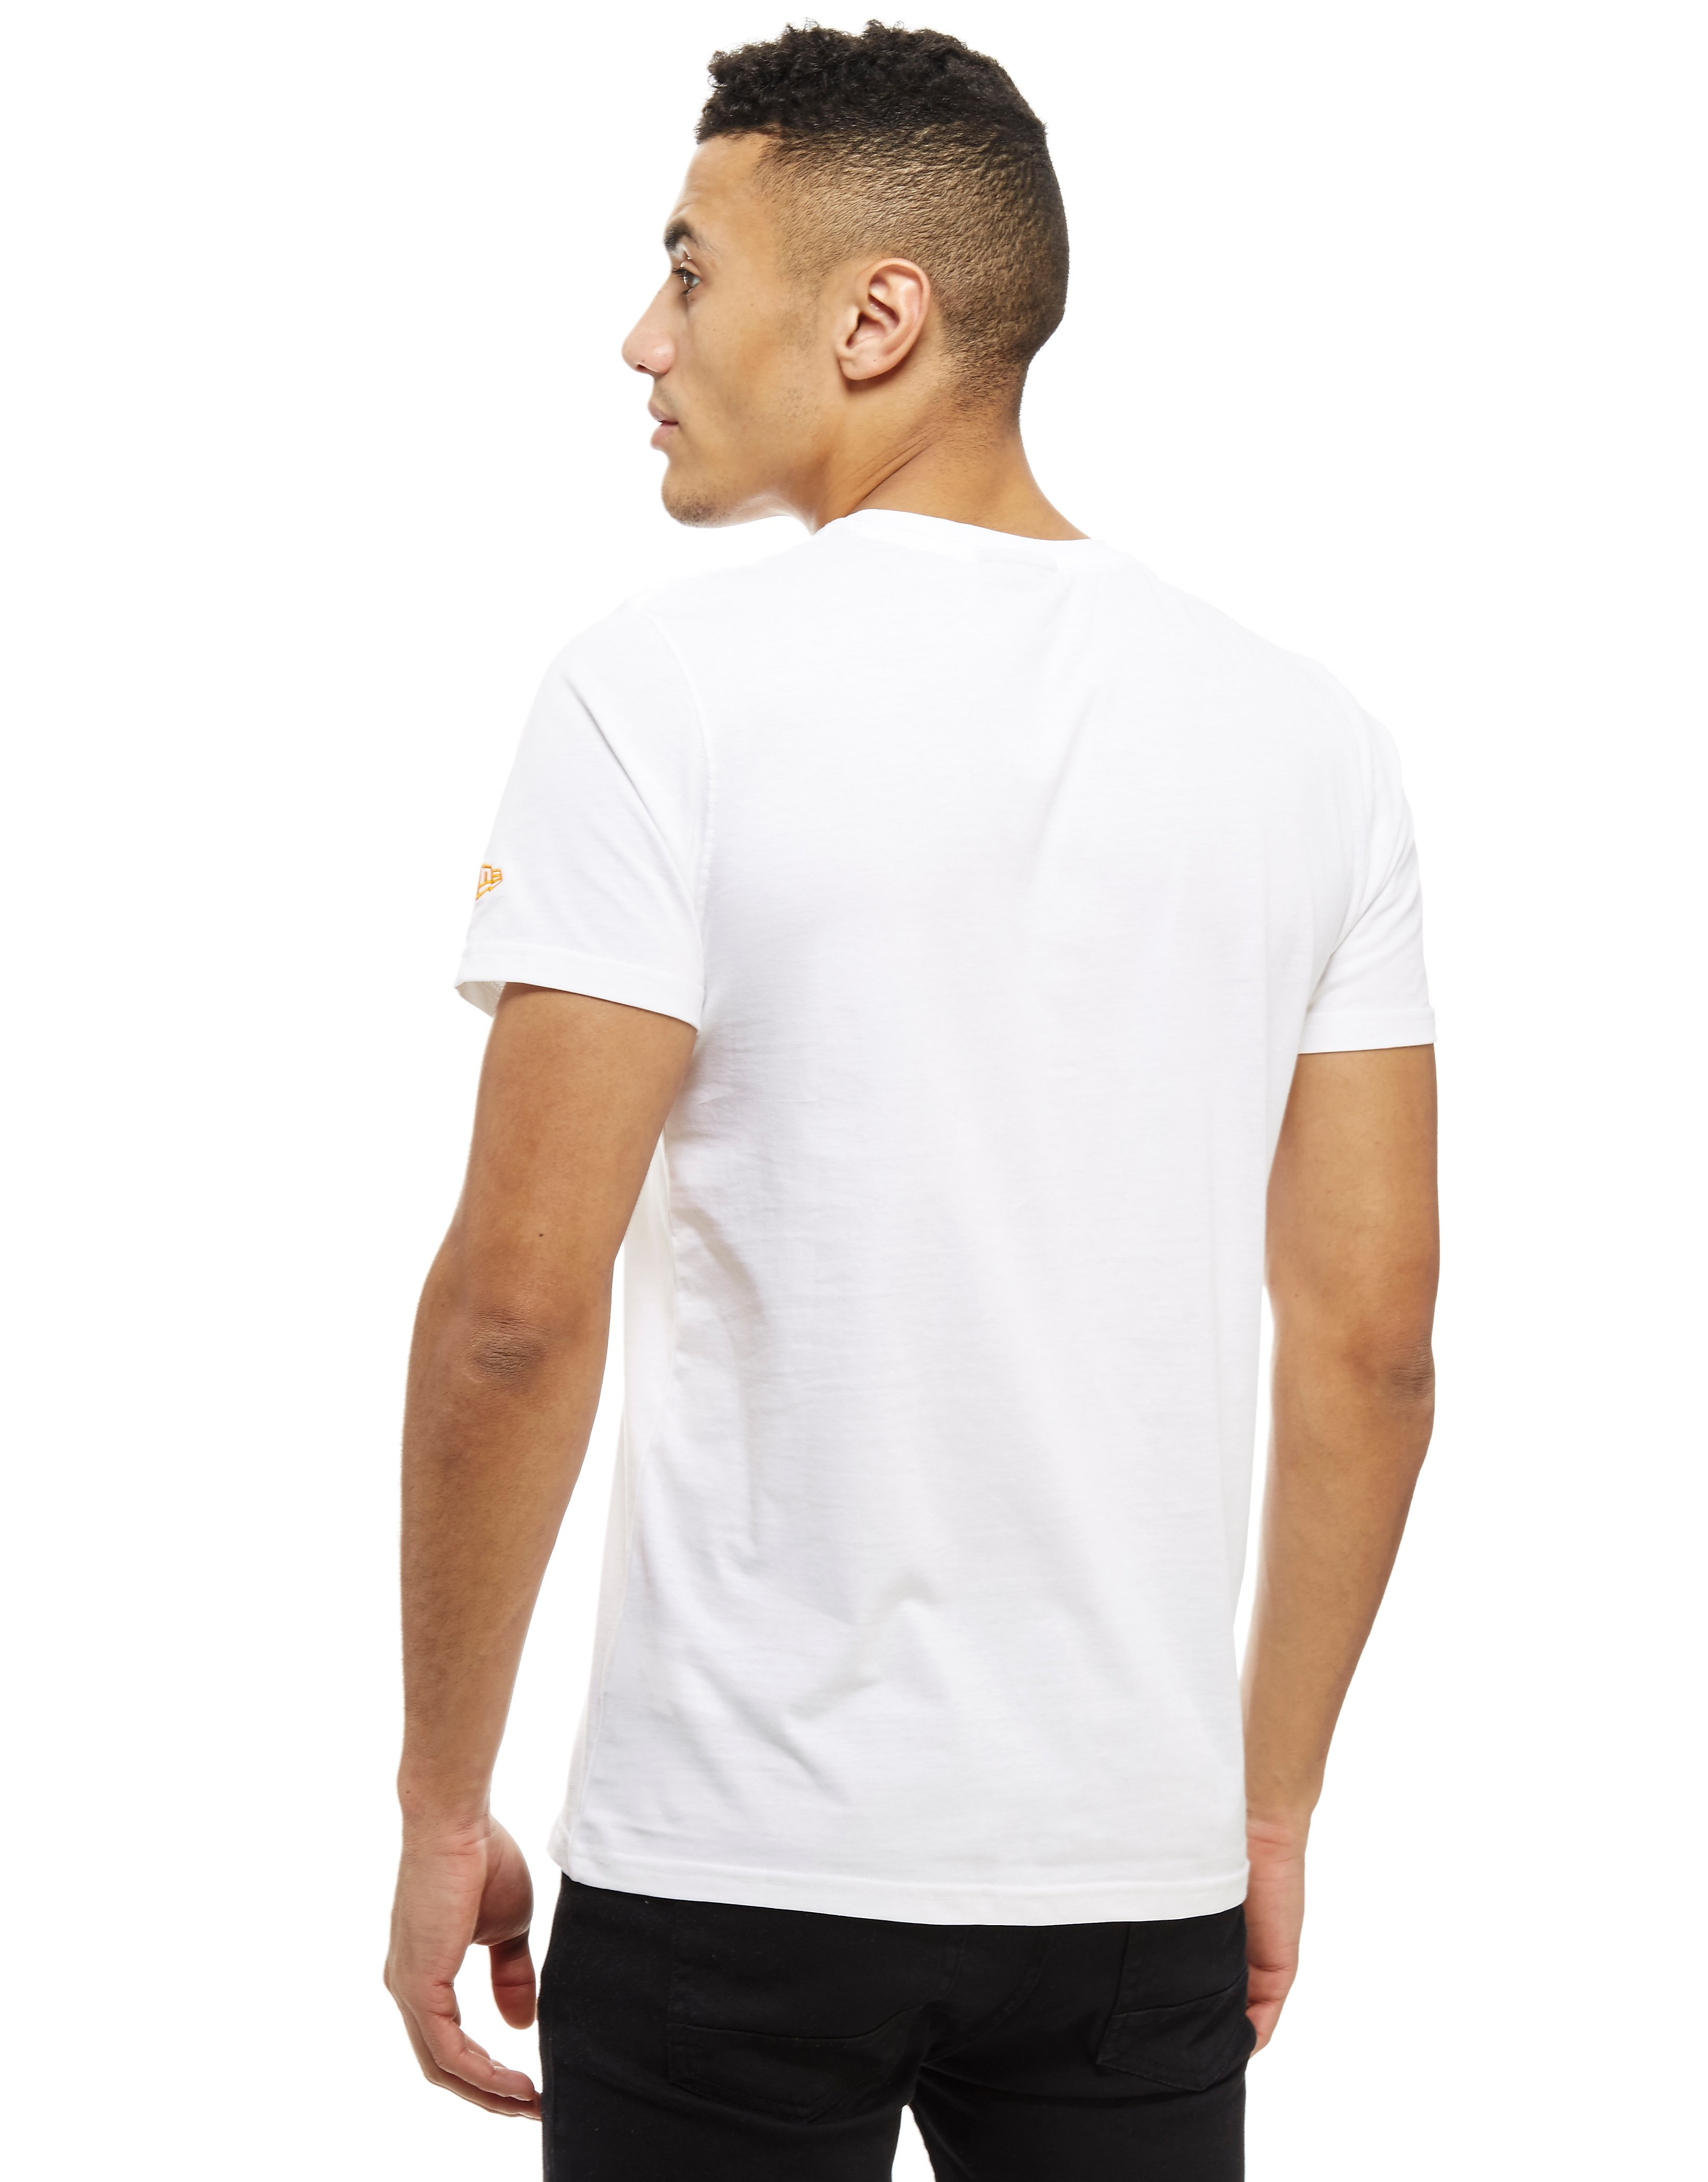 New Era Miami Dolphins T-Shirt